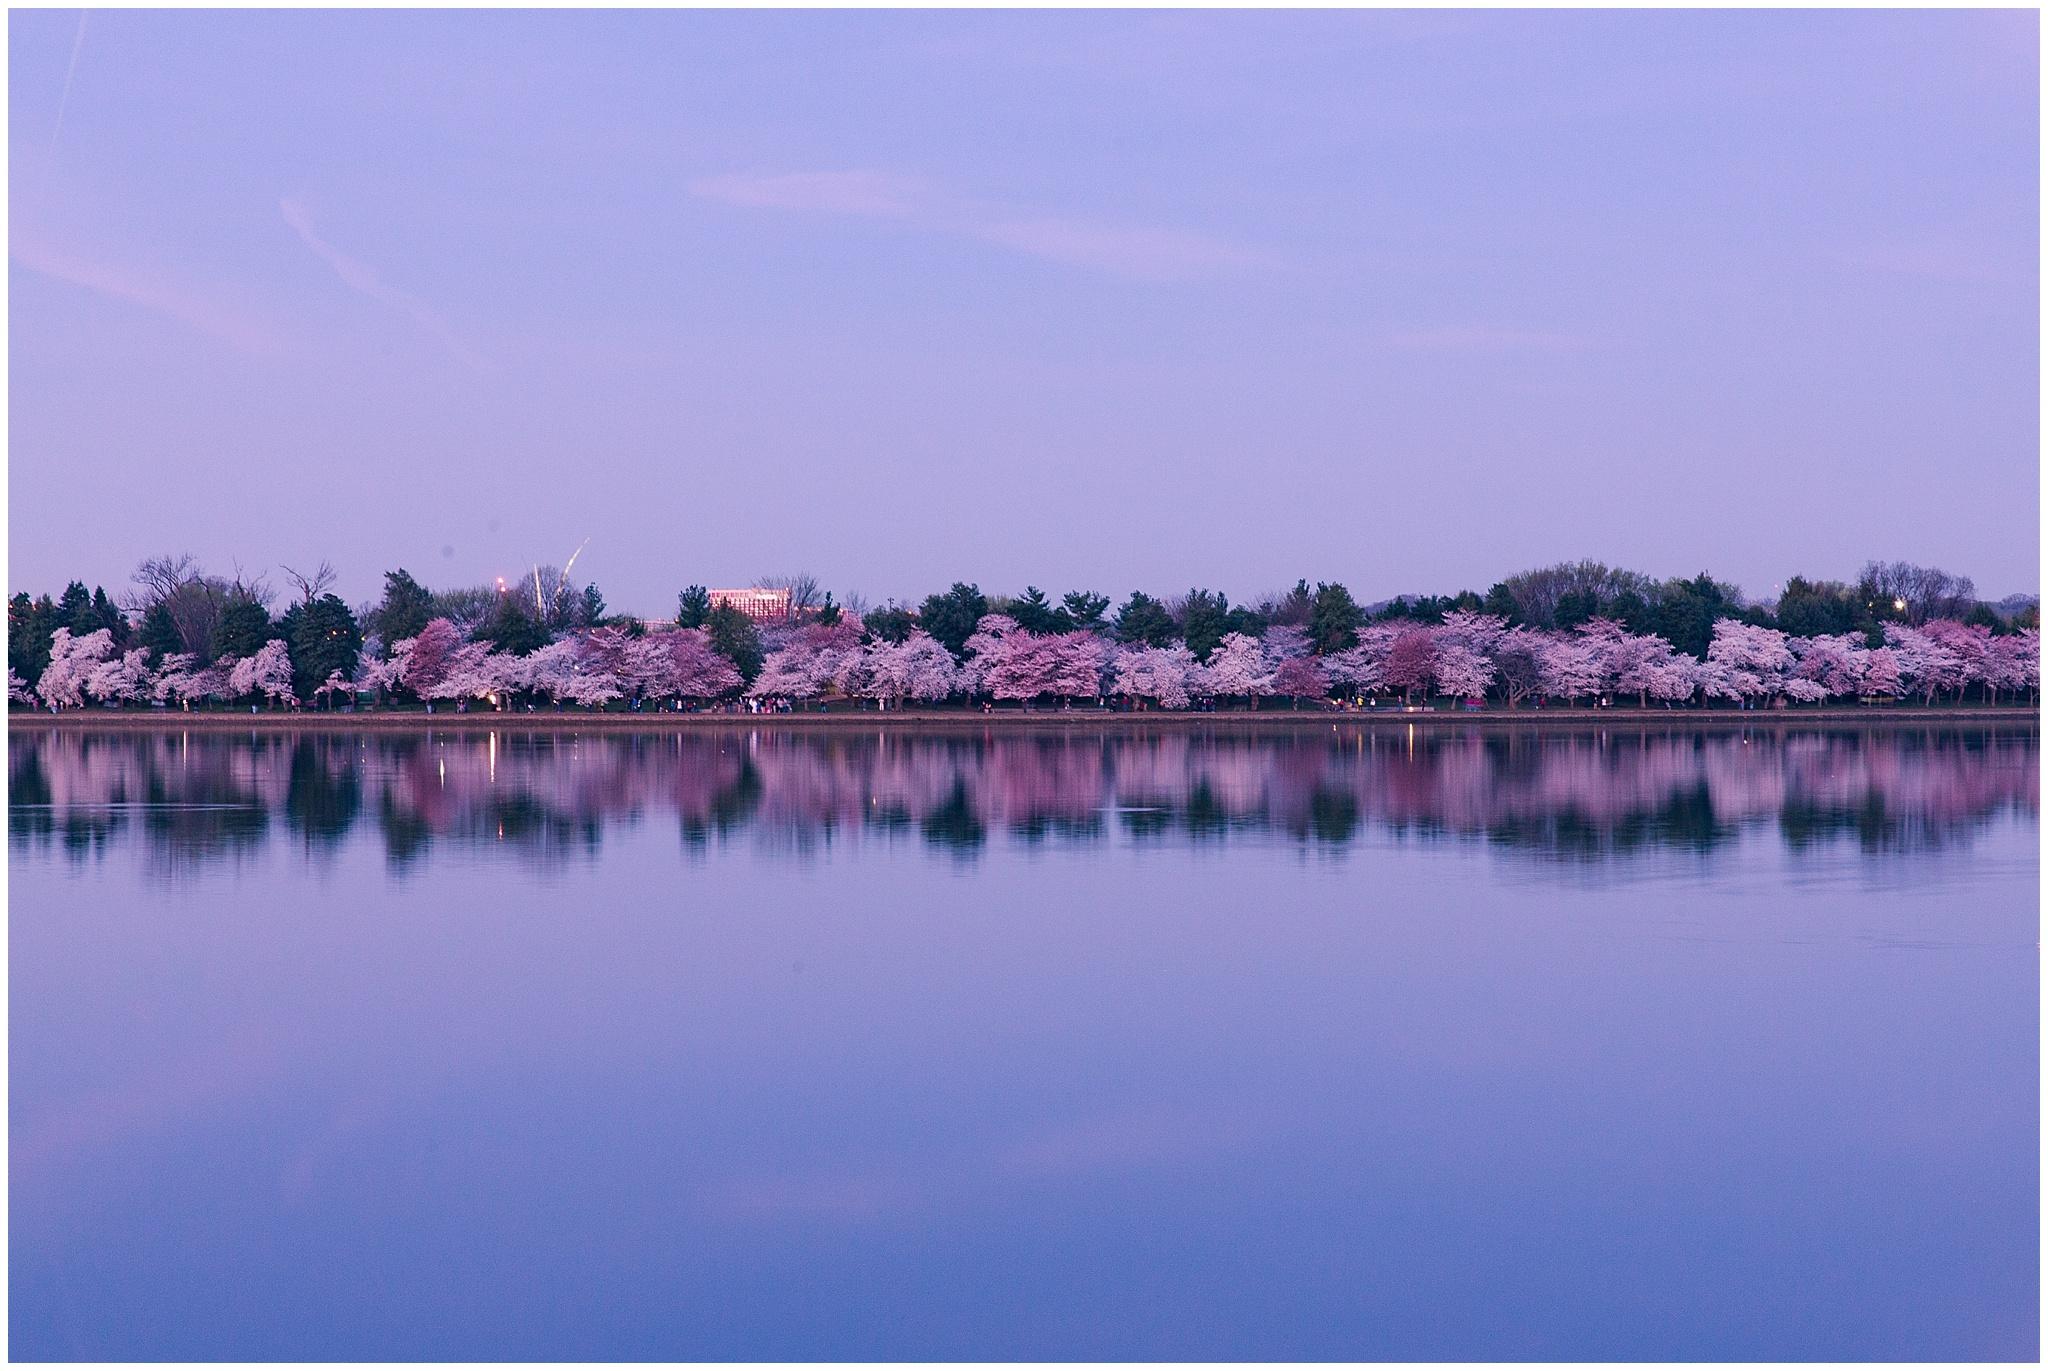 cherryblossom_washingtondc_spring_pink_0014.jpg